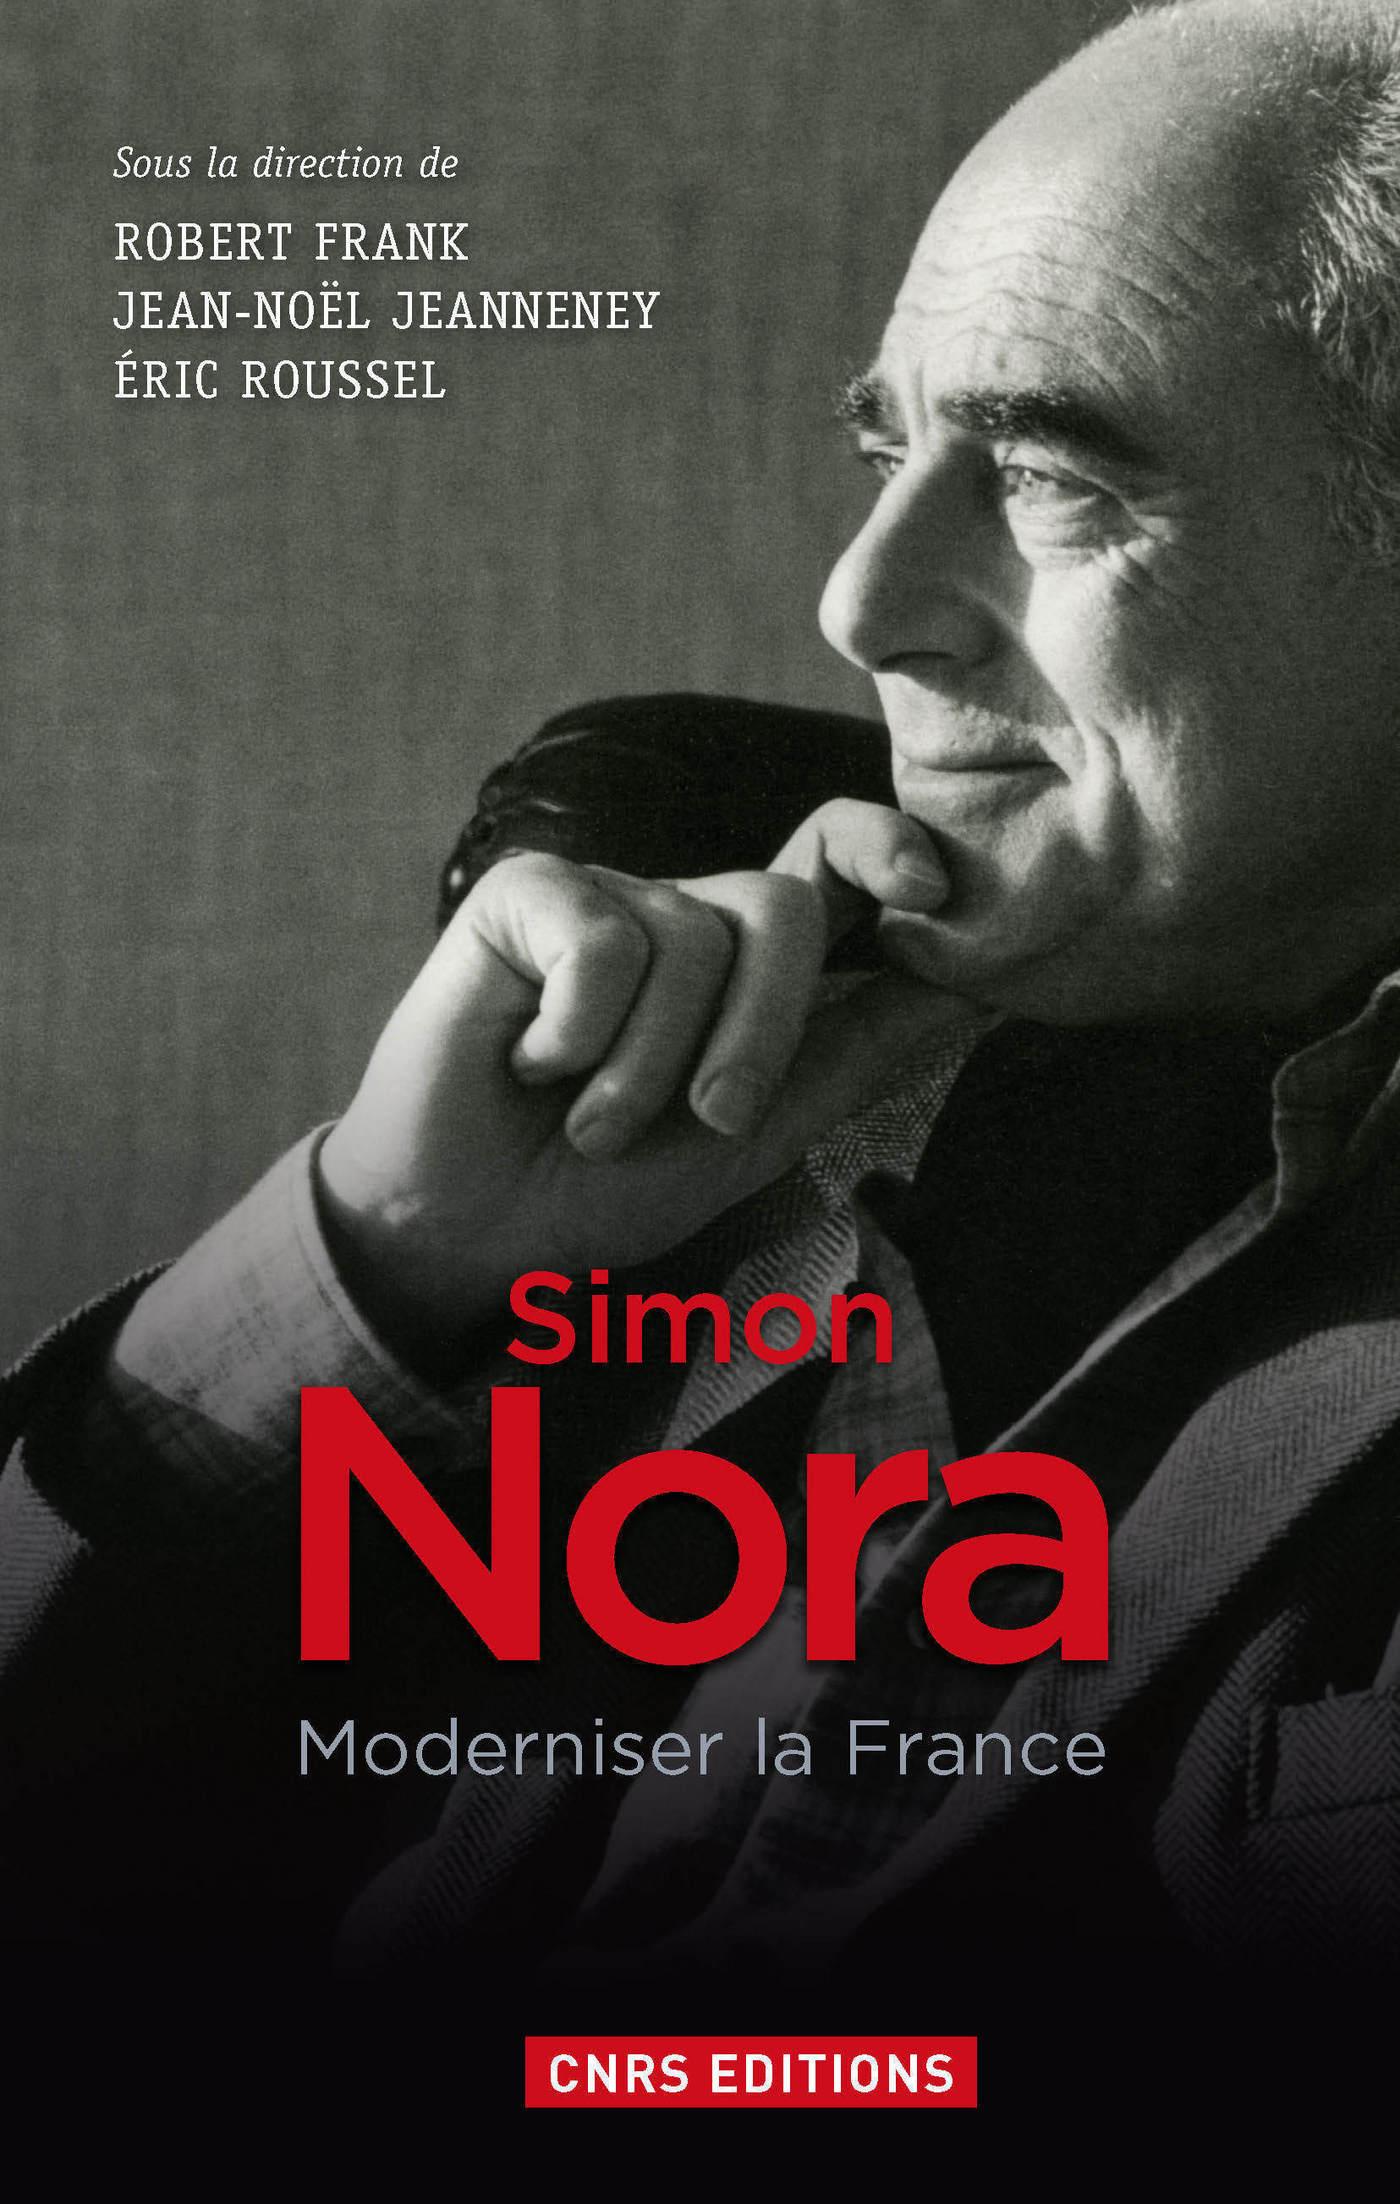 Simon Nora, une volonté mod...